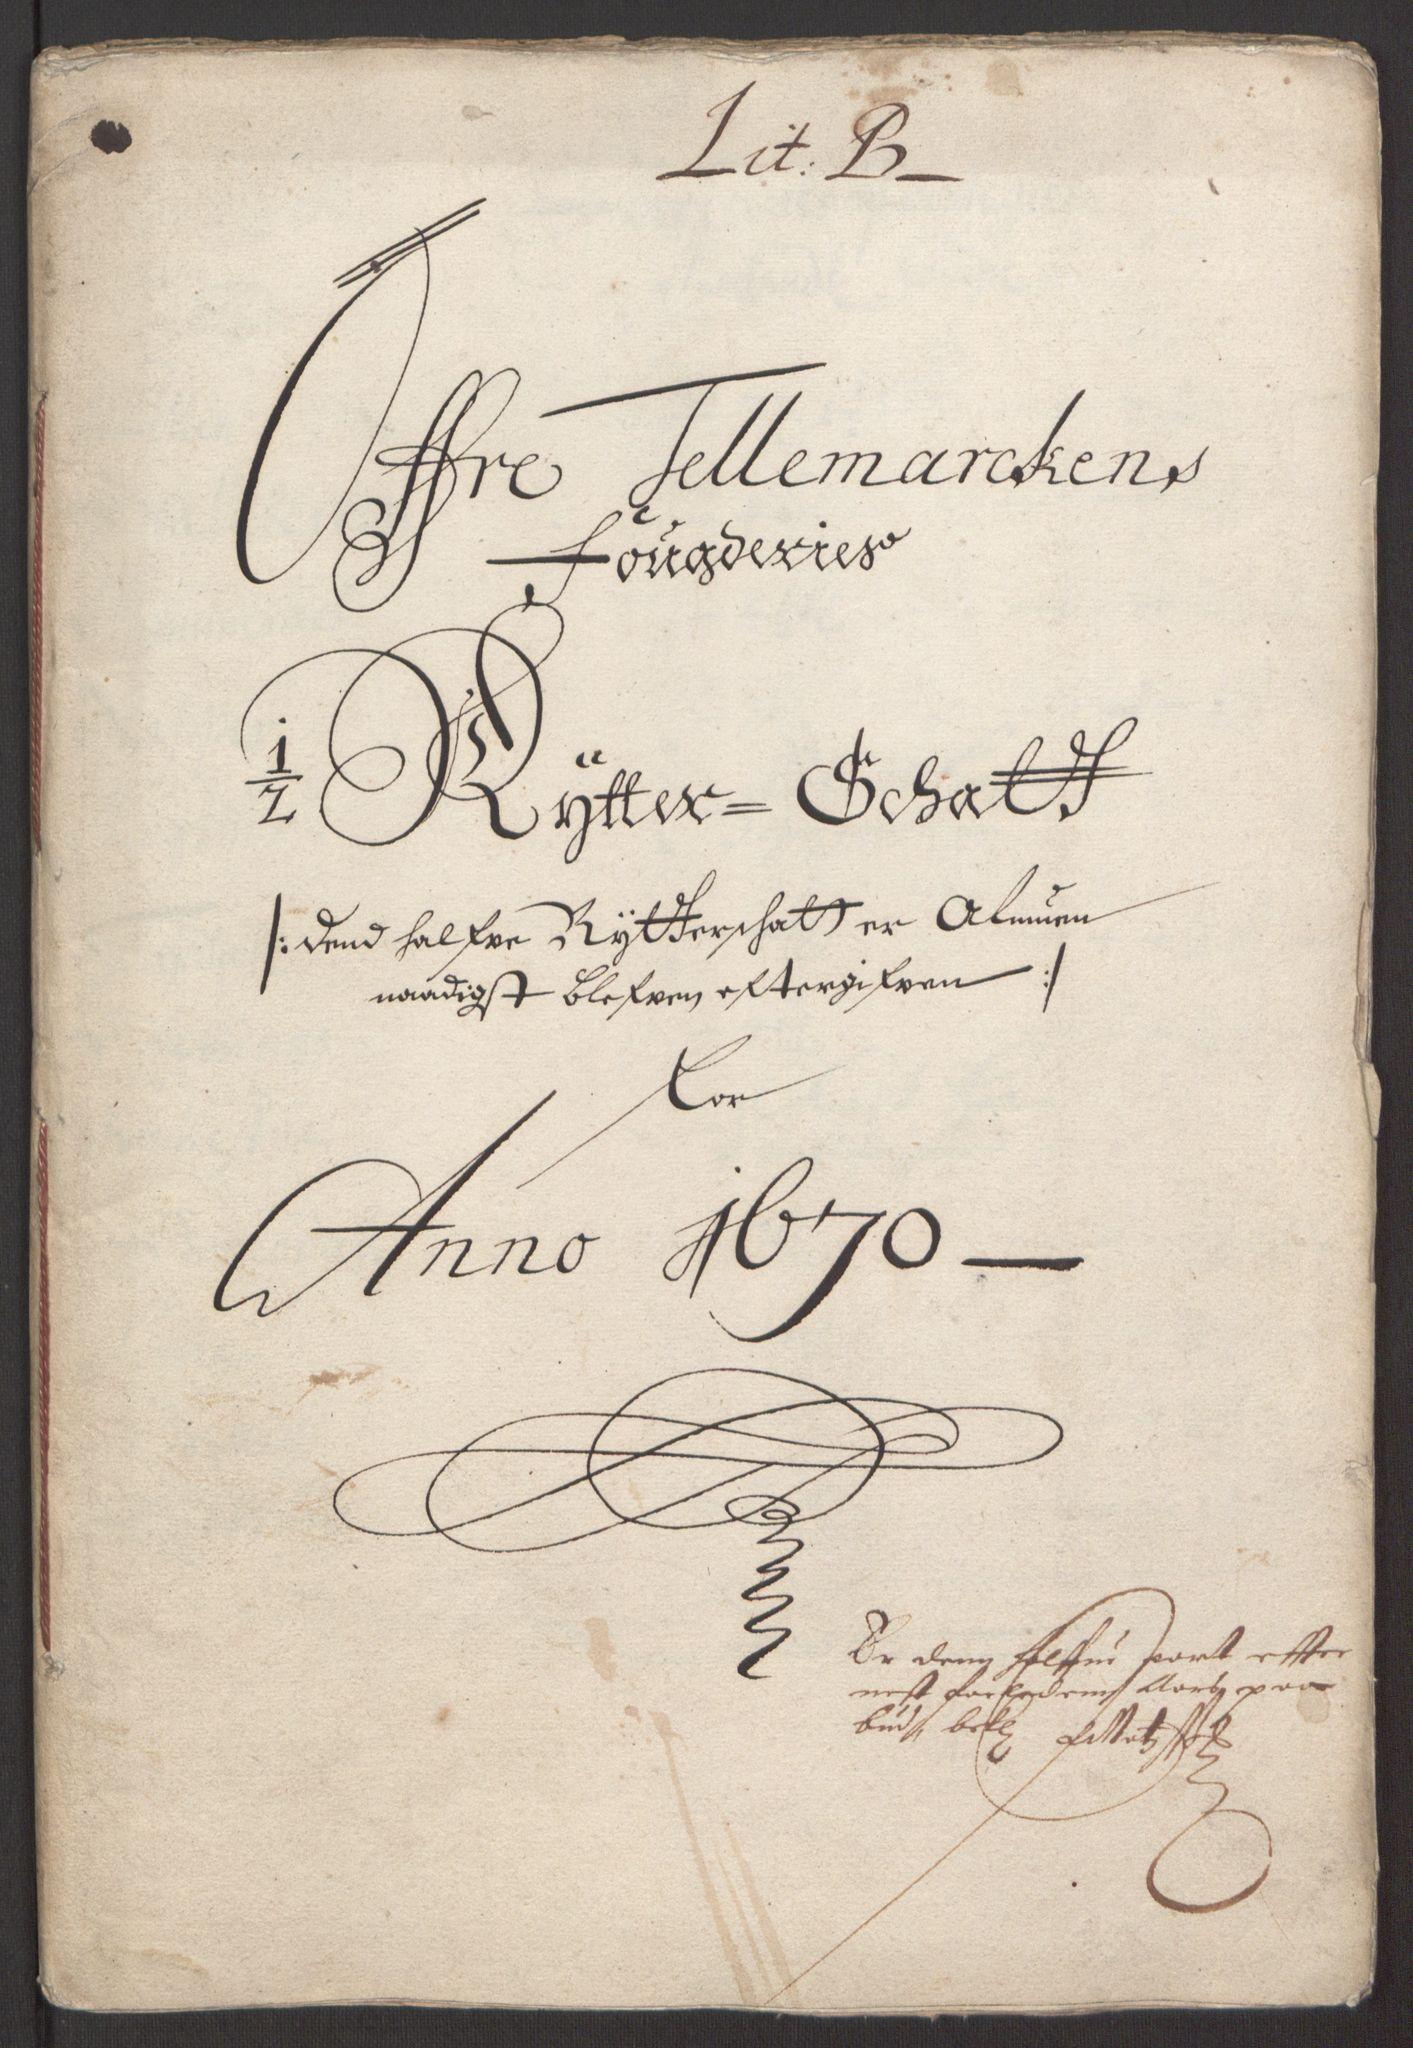 RA, Rentekammeret inntil 1814, Reviderte regnskaper, Fogderegnskap, R35/L2059: Fogderegnskap Øvre og Nedre Telemark, 1668-1670, s. 124